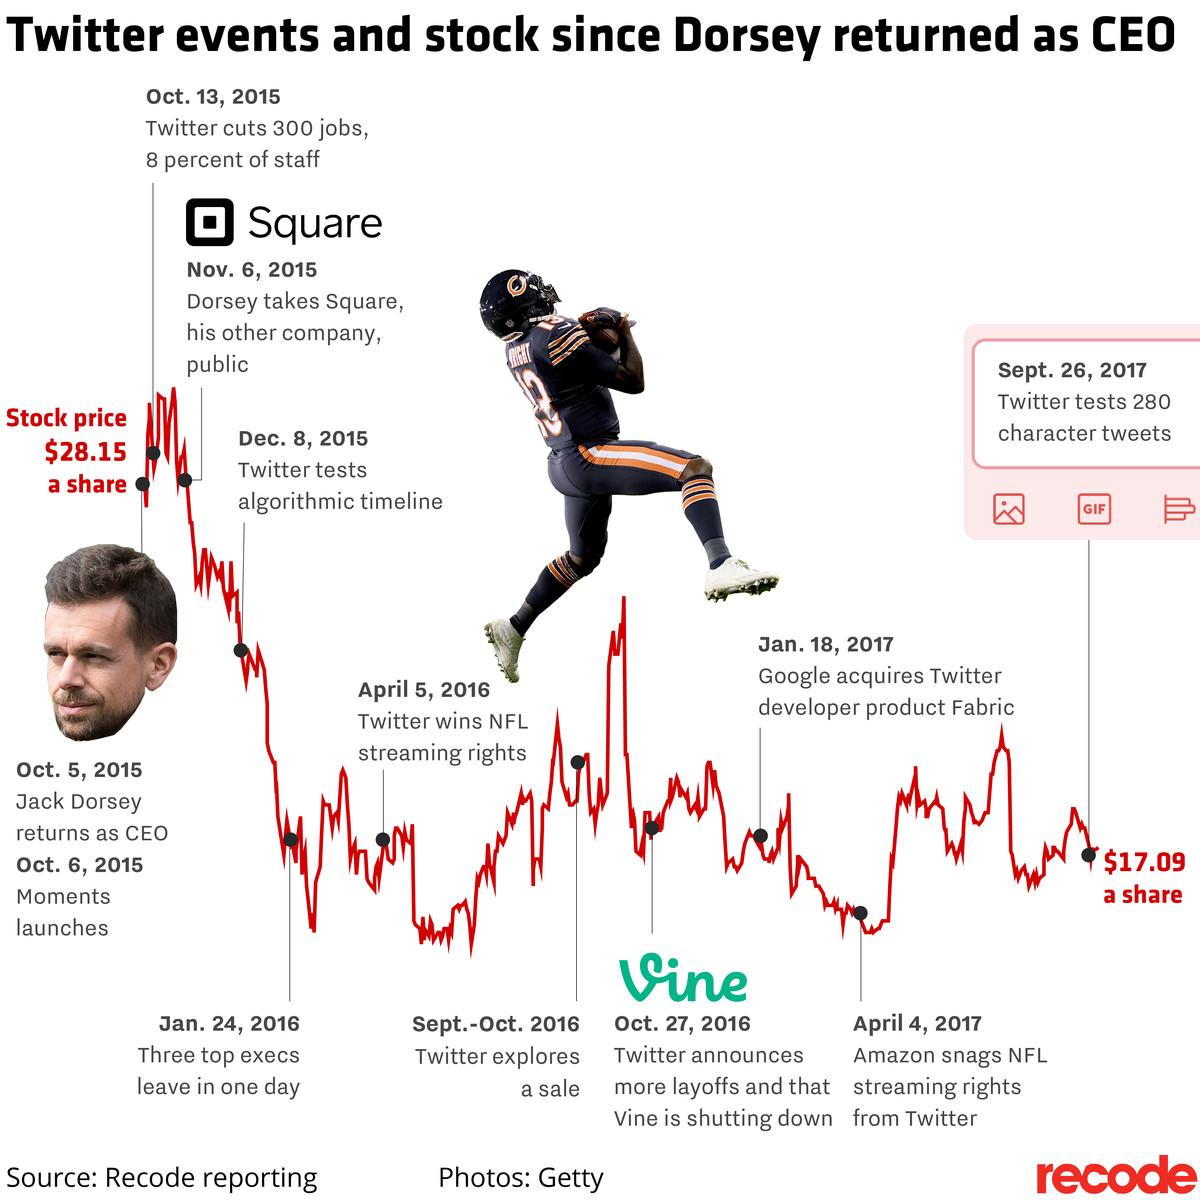 Timeline of Twitter under Jack Dorsey